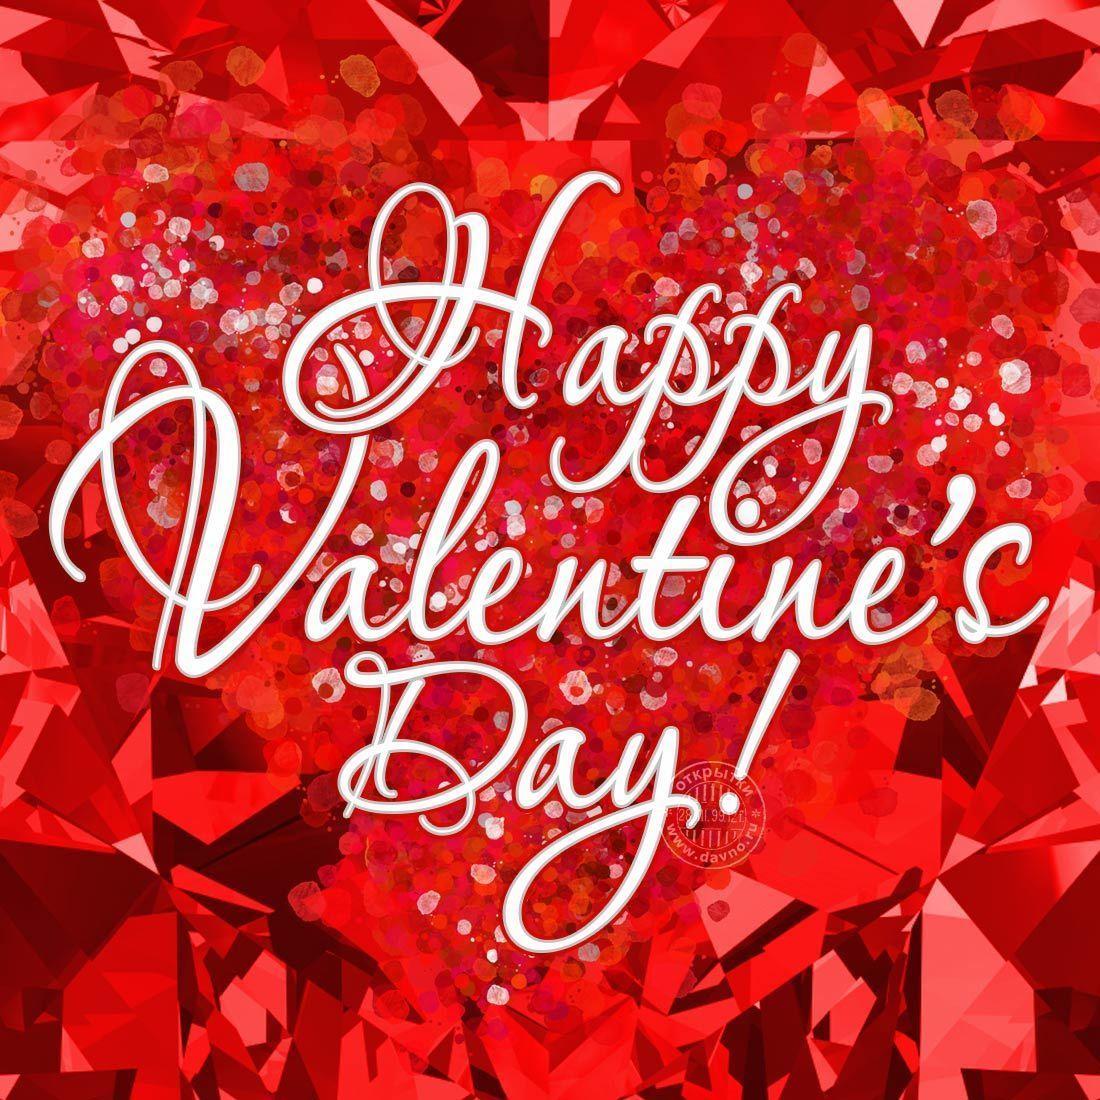 Множество различных идей для подарков на день Святого Валентина! Поздравьте свою вторую половинку милым подарком, который обязательно понравится